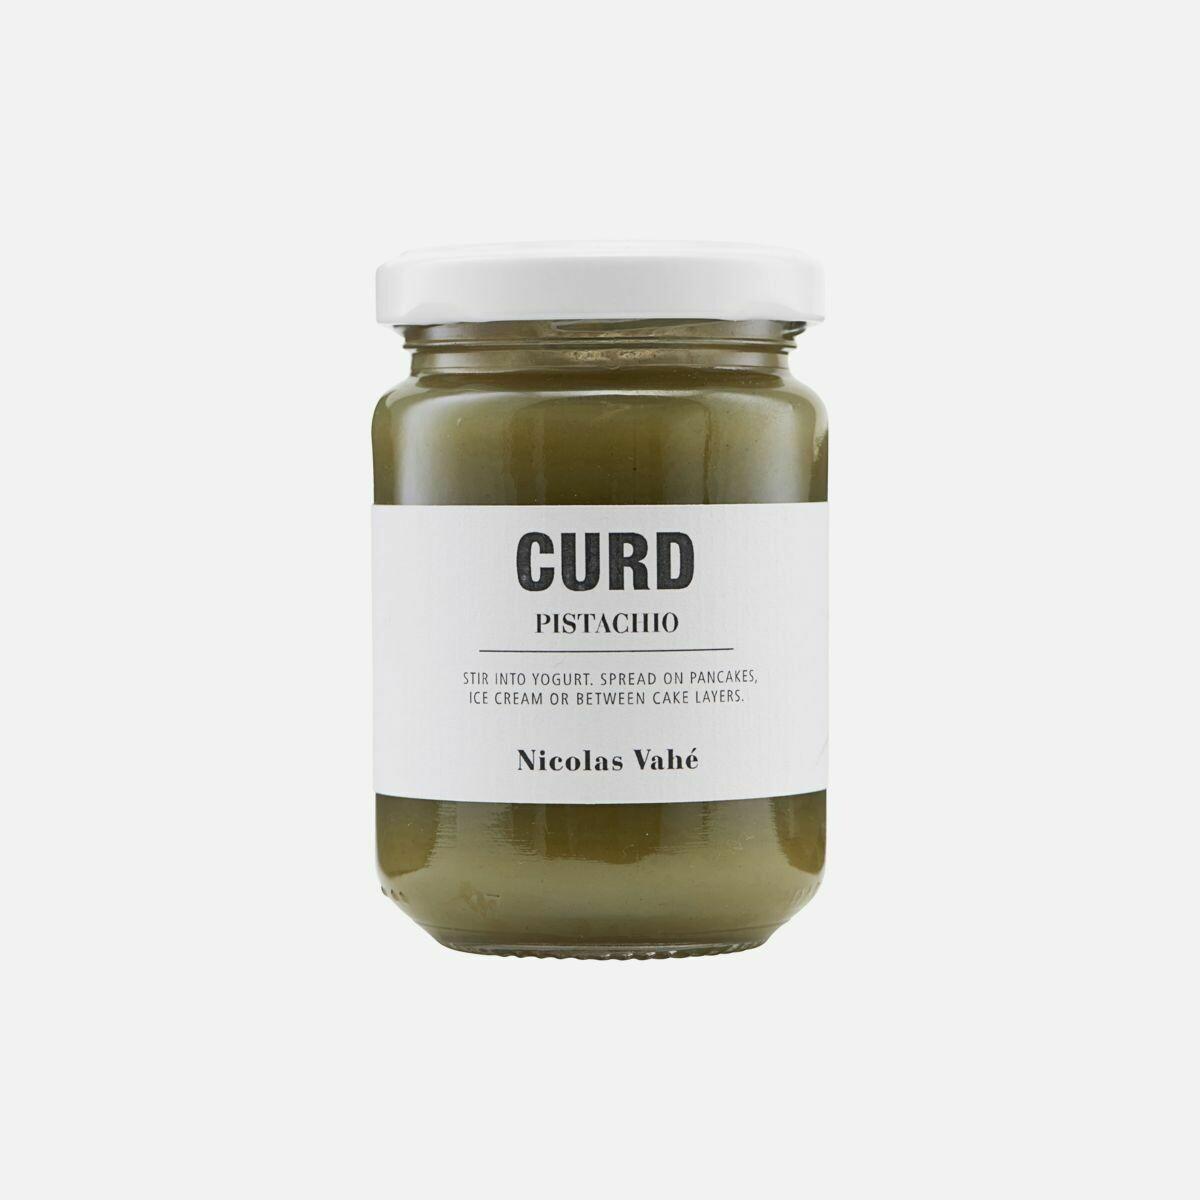 Curd, Pistachio